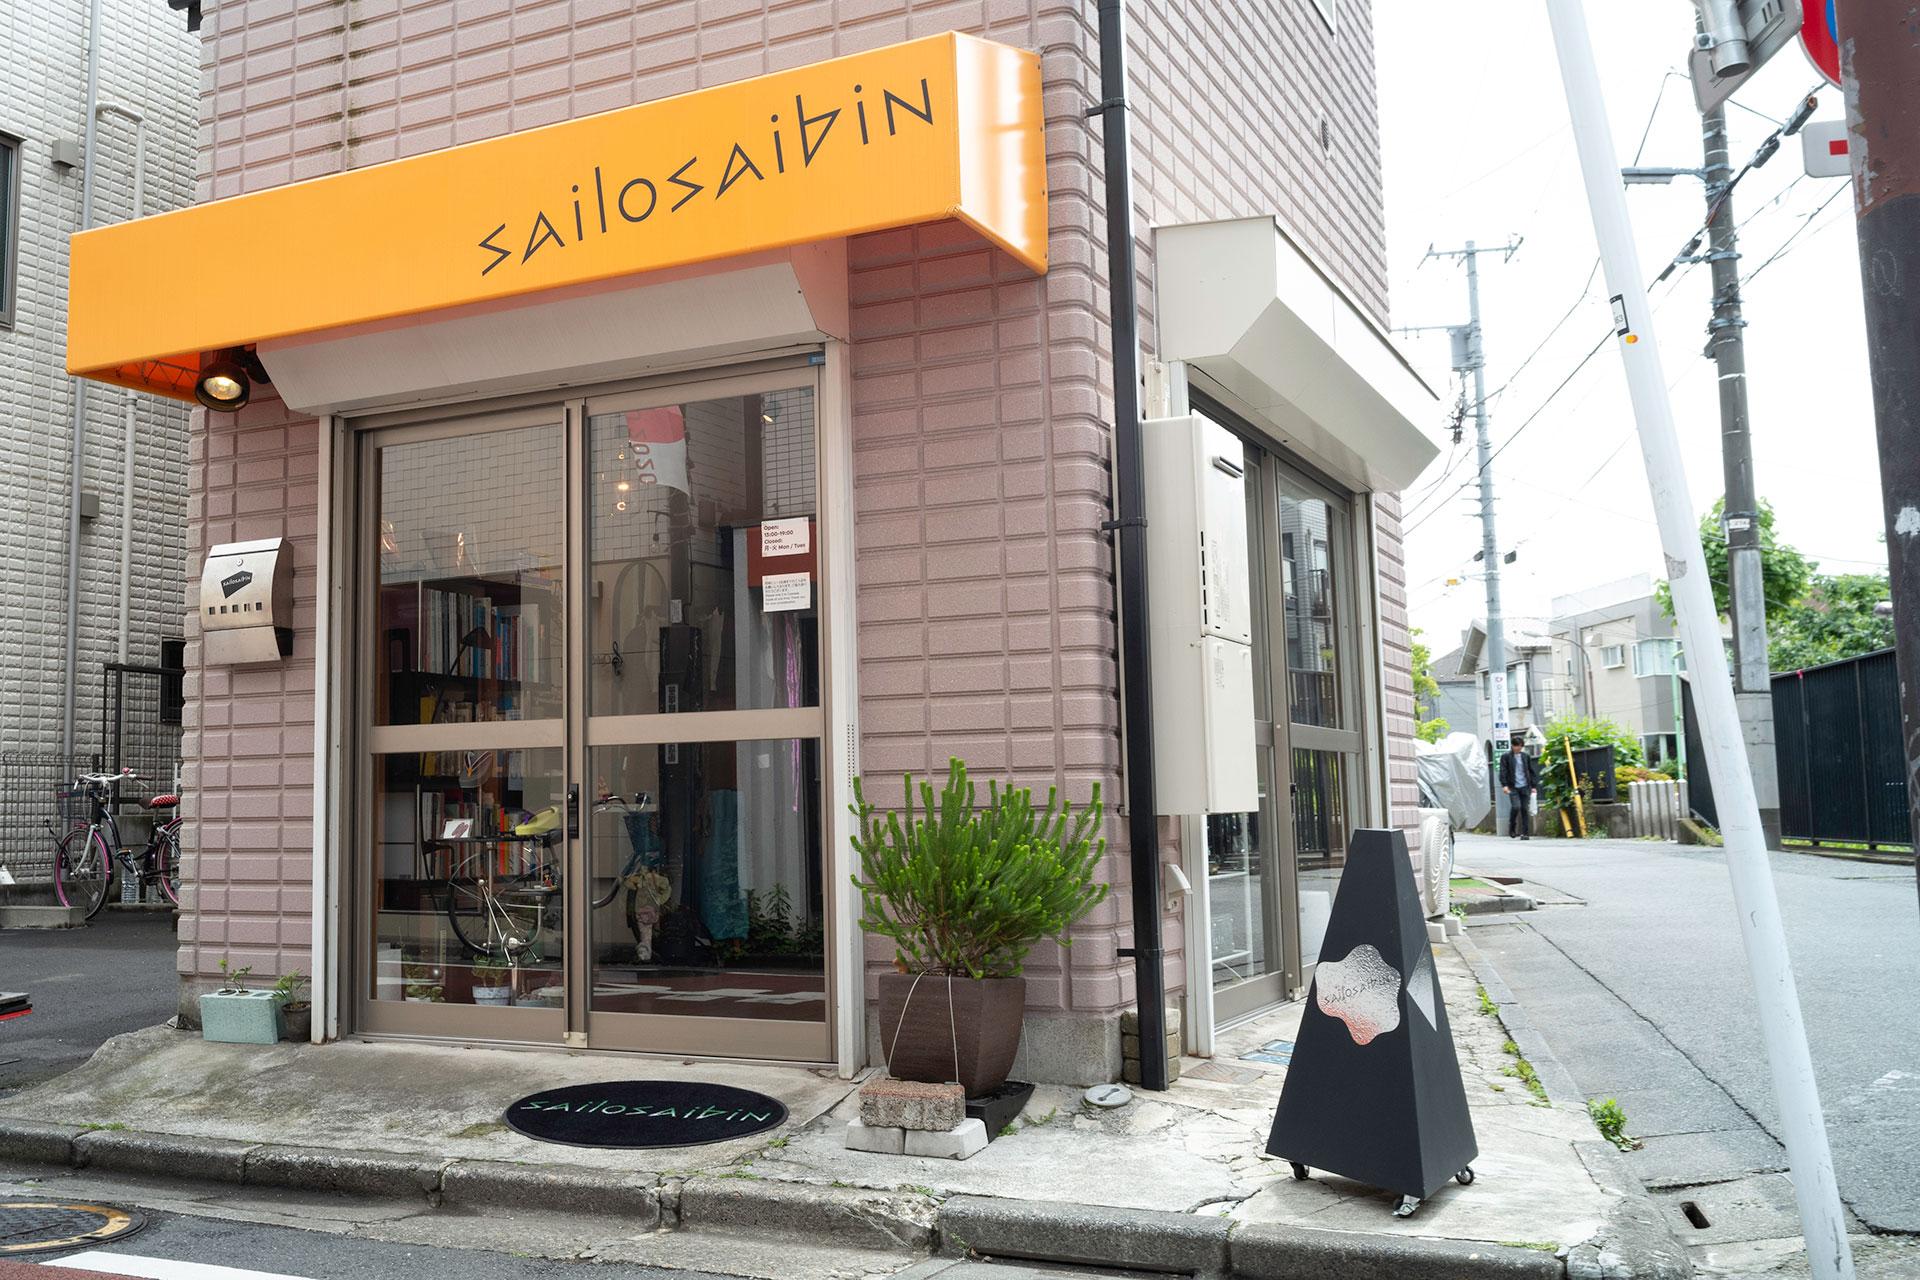 Sailosaibin